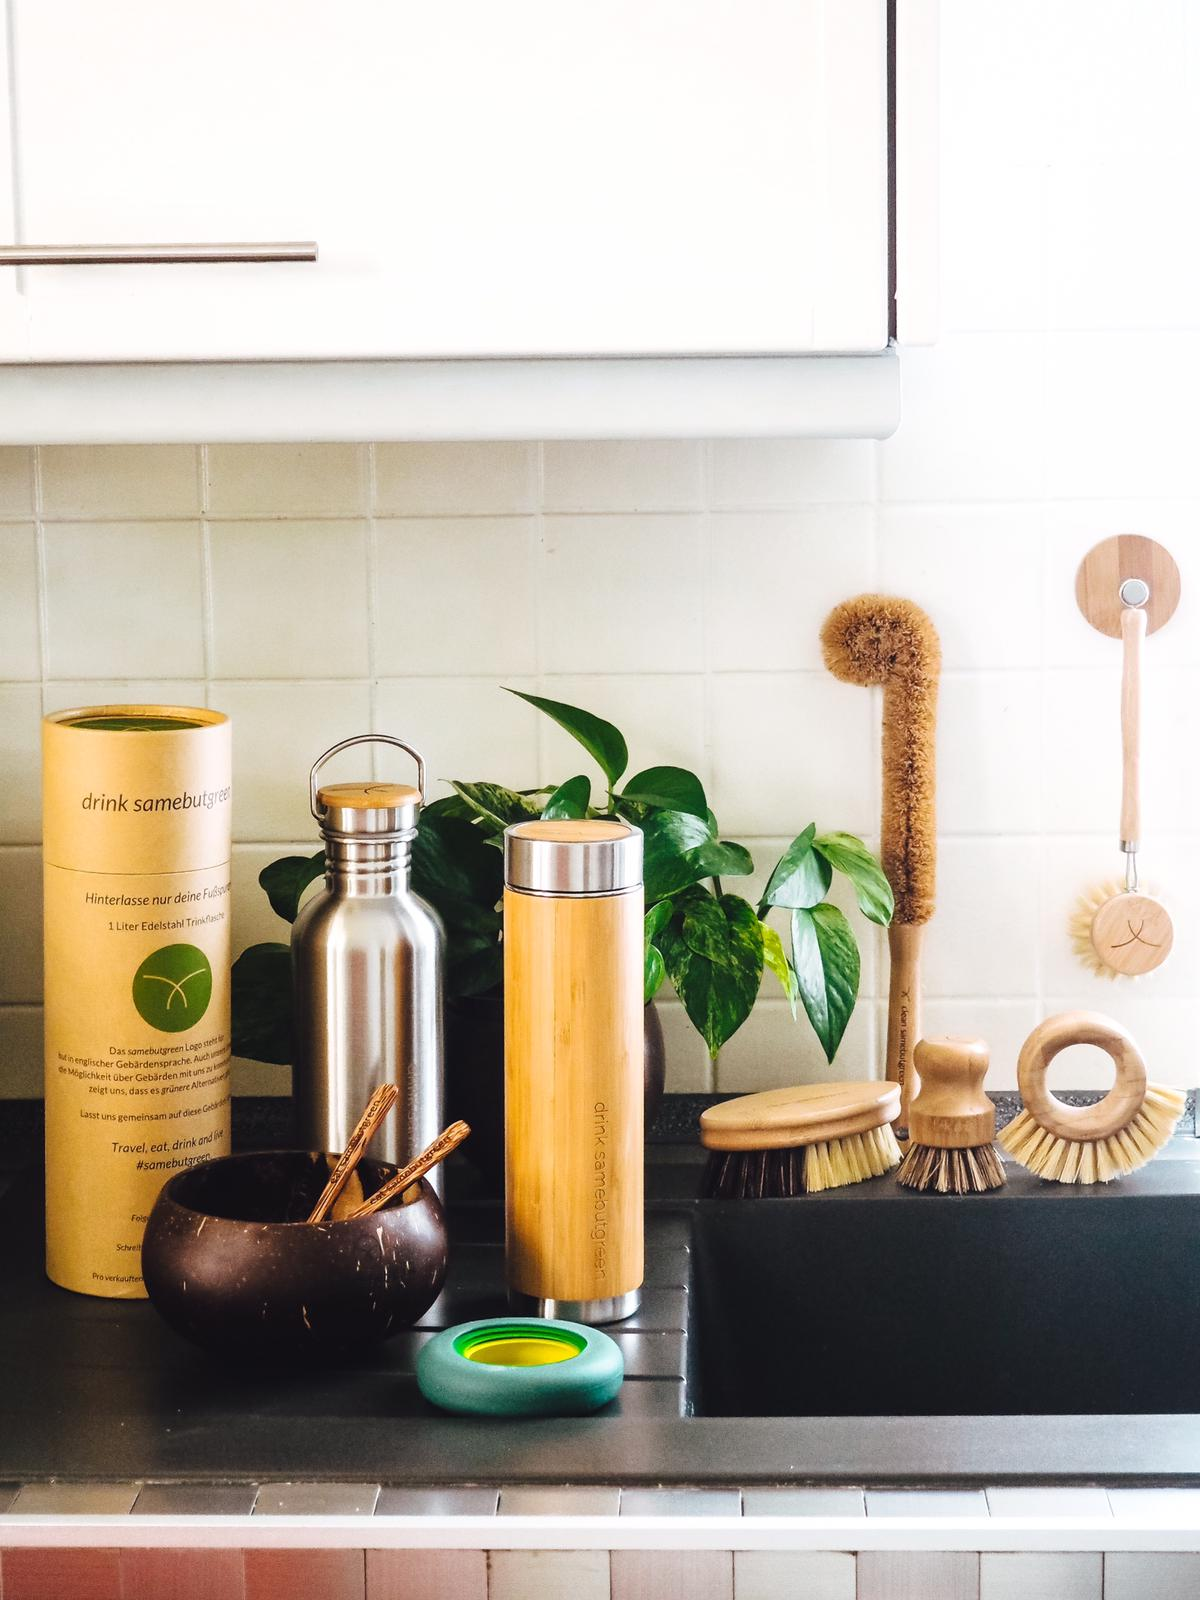 Nachhaltige Produkte von Samebutgreen